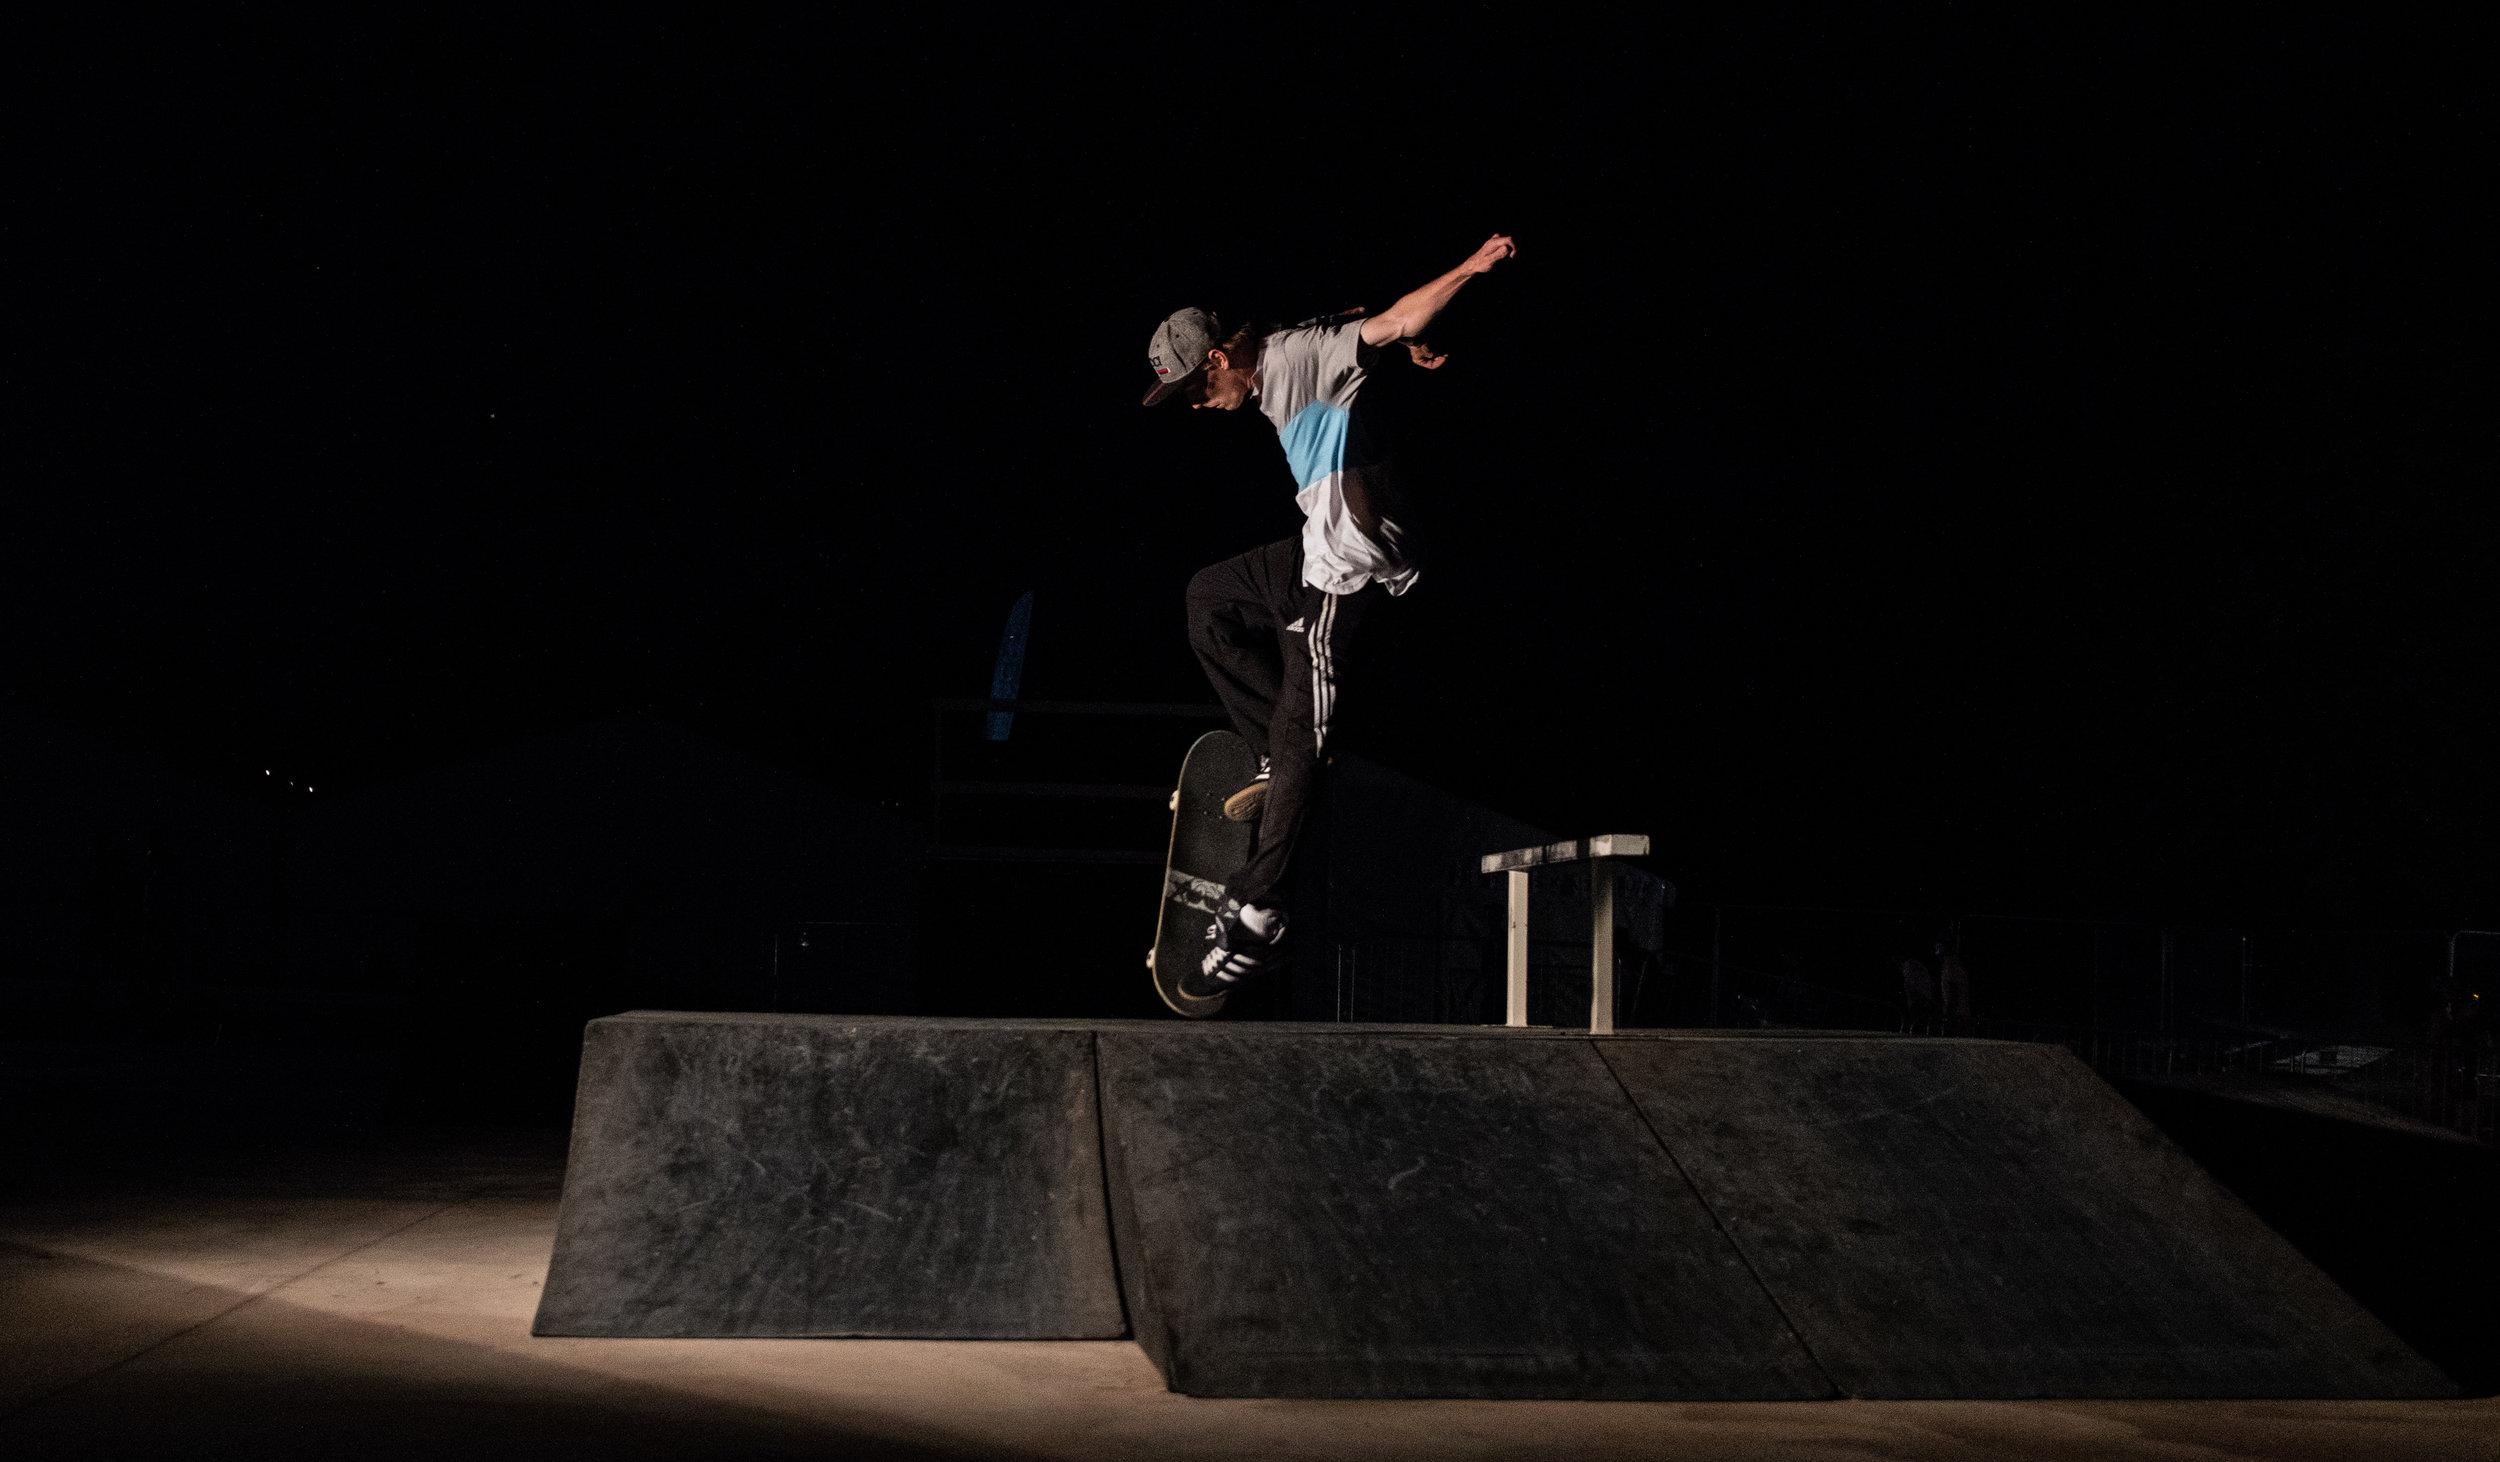 NASS Night Skate-8.jpg